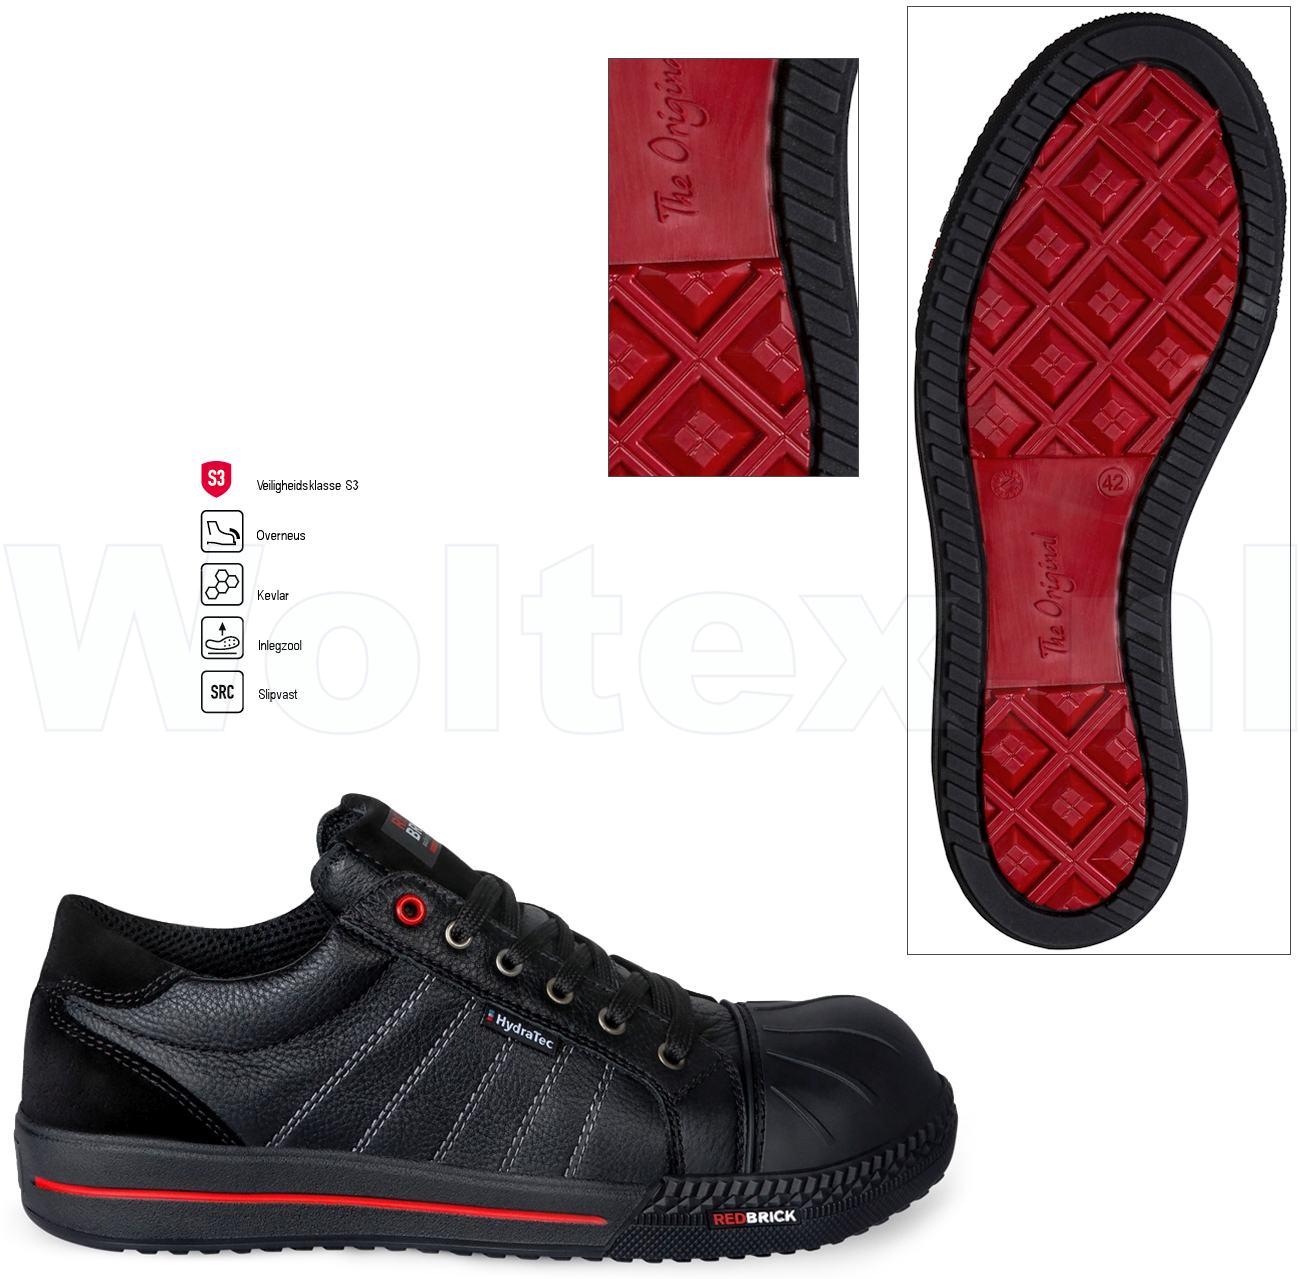 Werkschoenen Sneakers S3.Redbrick Safety Sneakers Originals S3 Werkschoenen Ruby Overneus